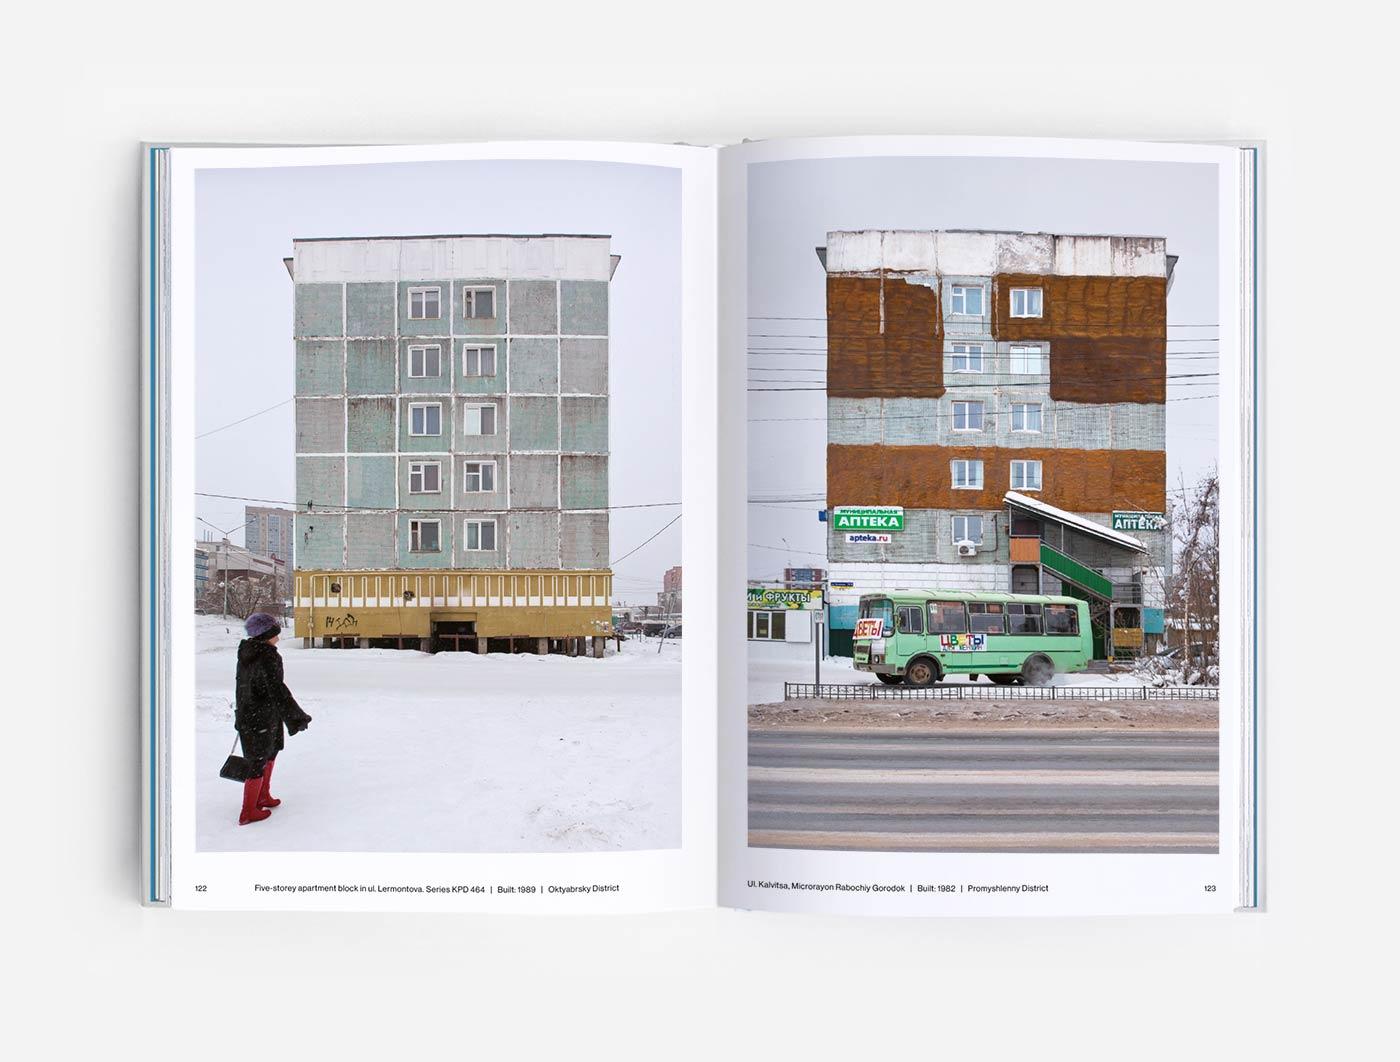 Khrushchevki in Yakutsk, Yakutia, Sakha Republic